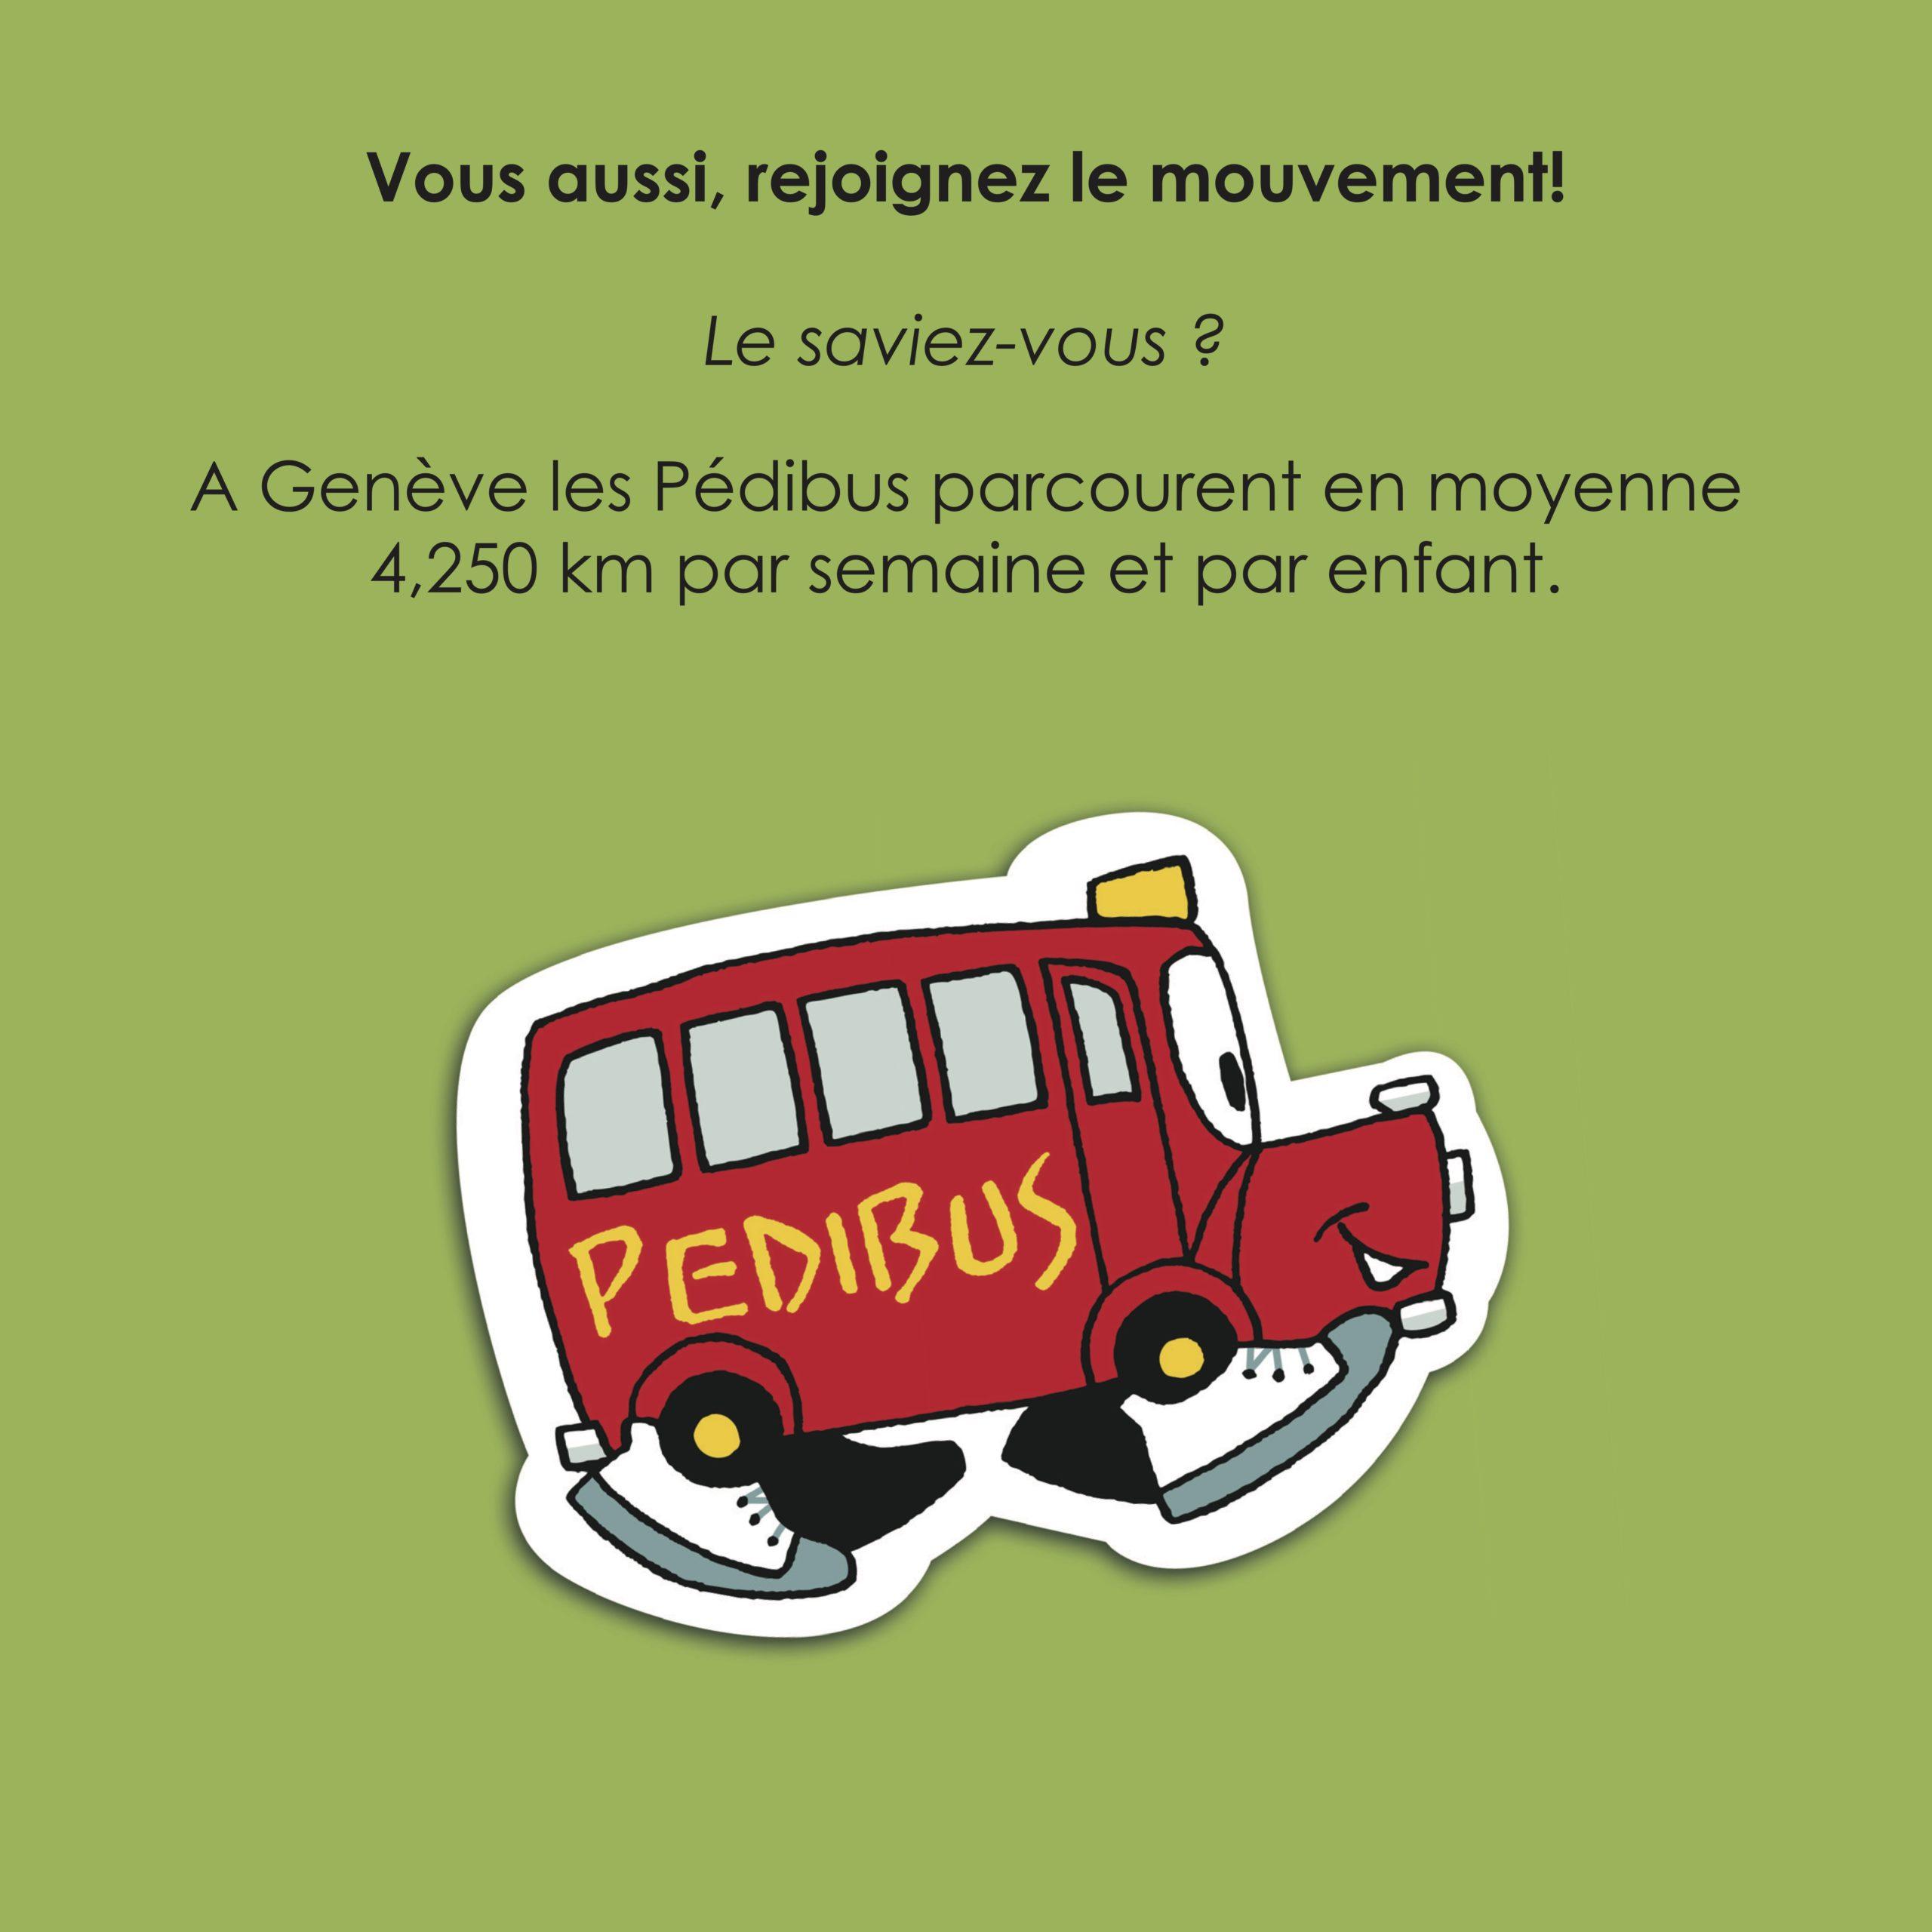 Comment organiser un Pédibus dans mon quartier?